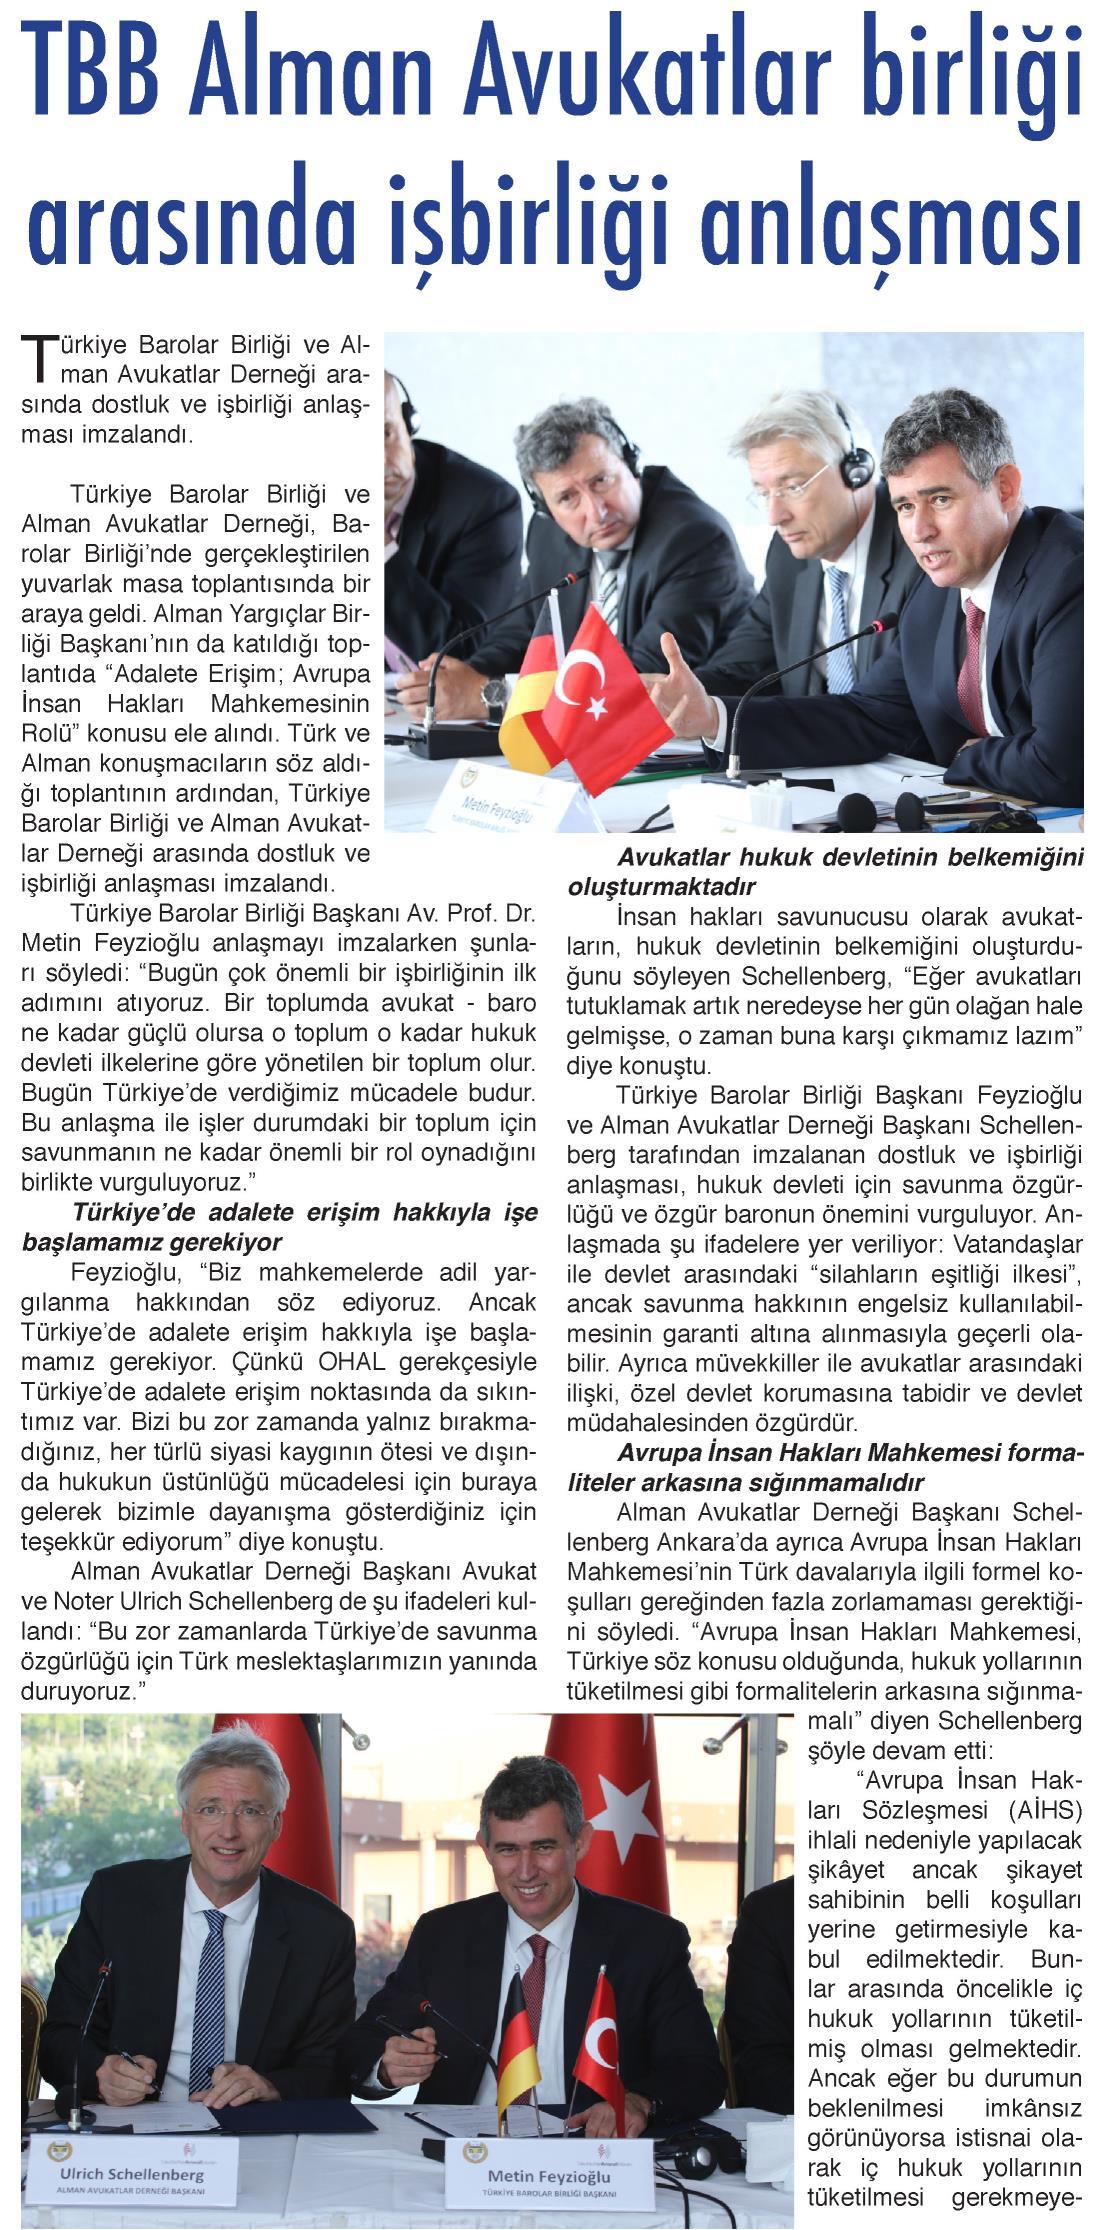 Yerel - Burdur, TBB Alman Avukatlar Birliği arasında işbirliği anlaşması